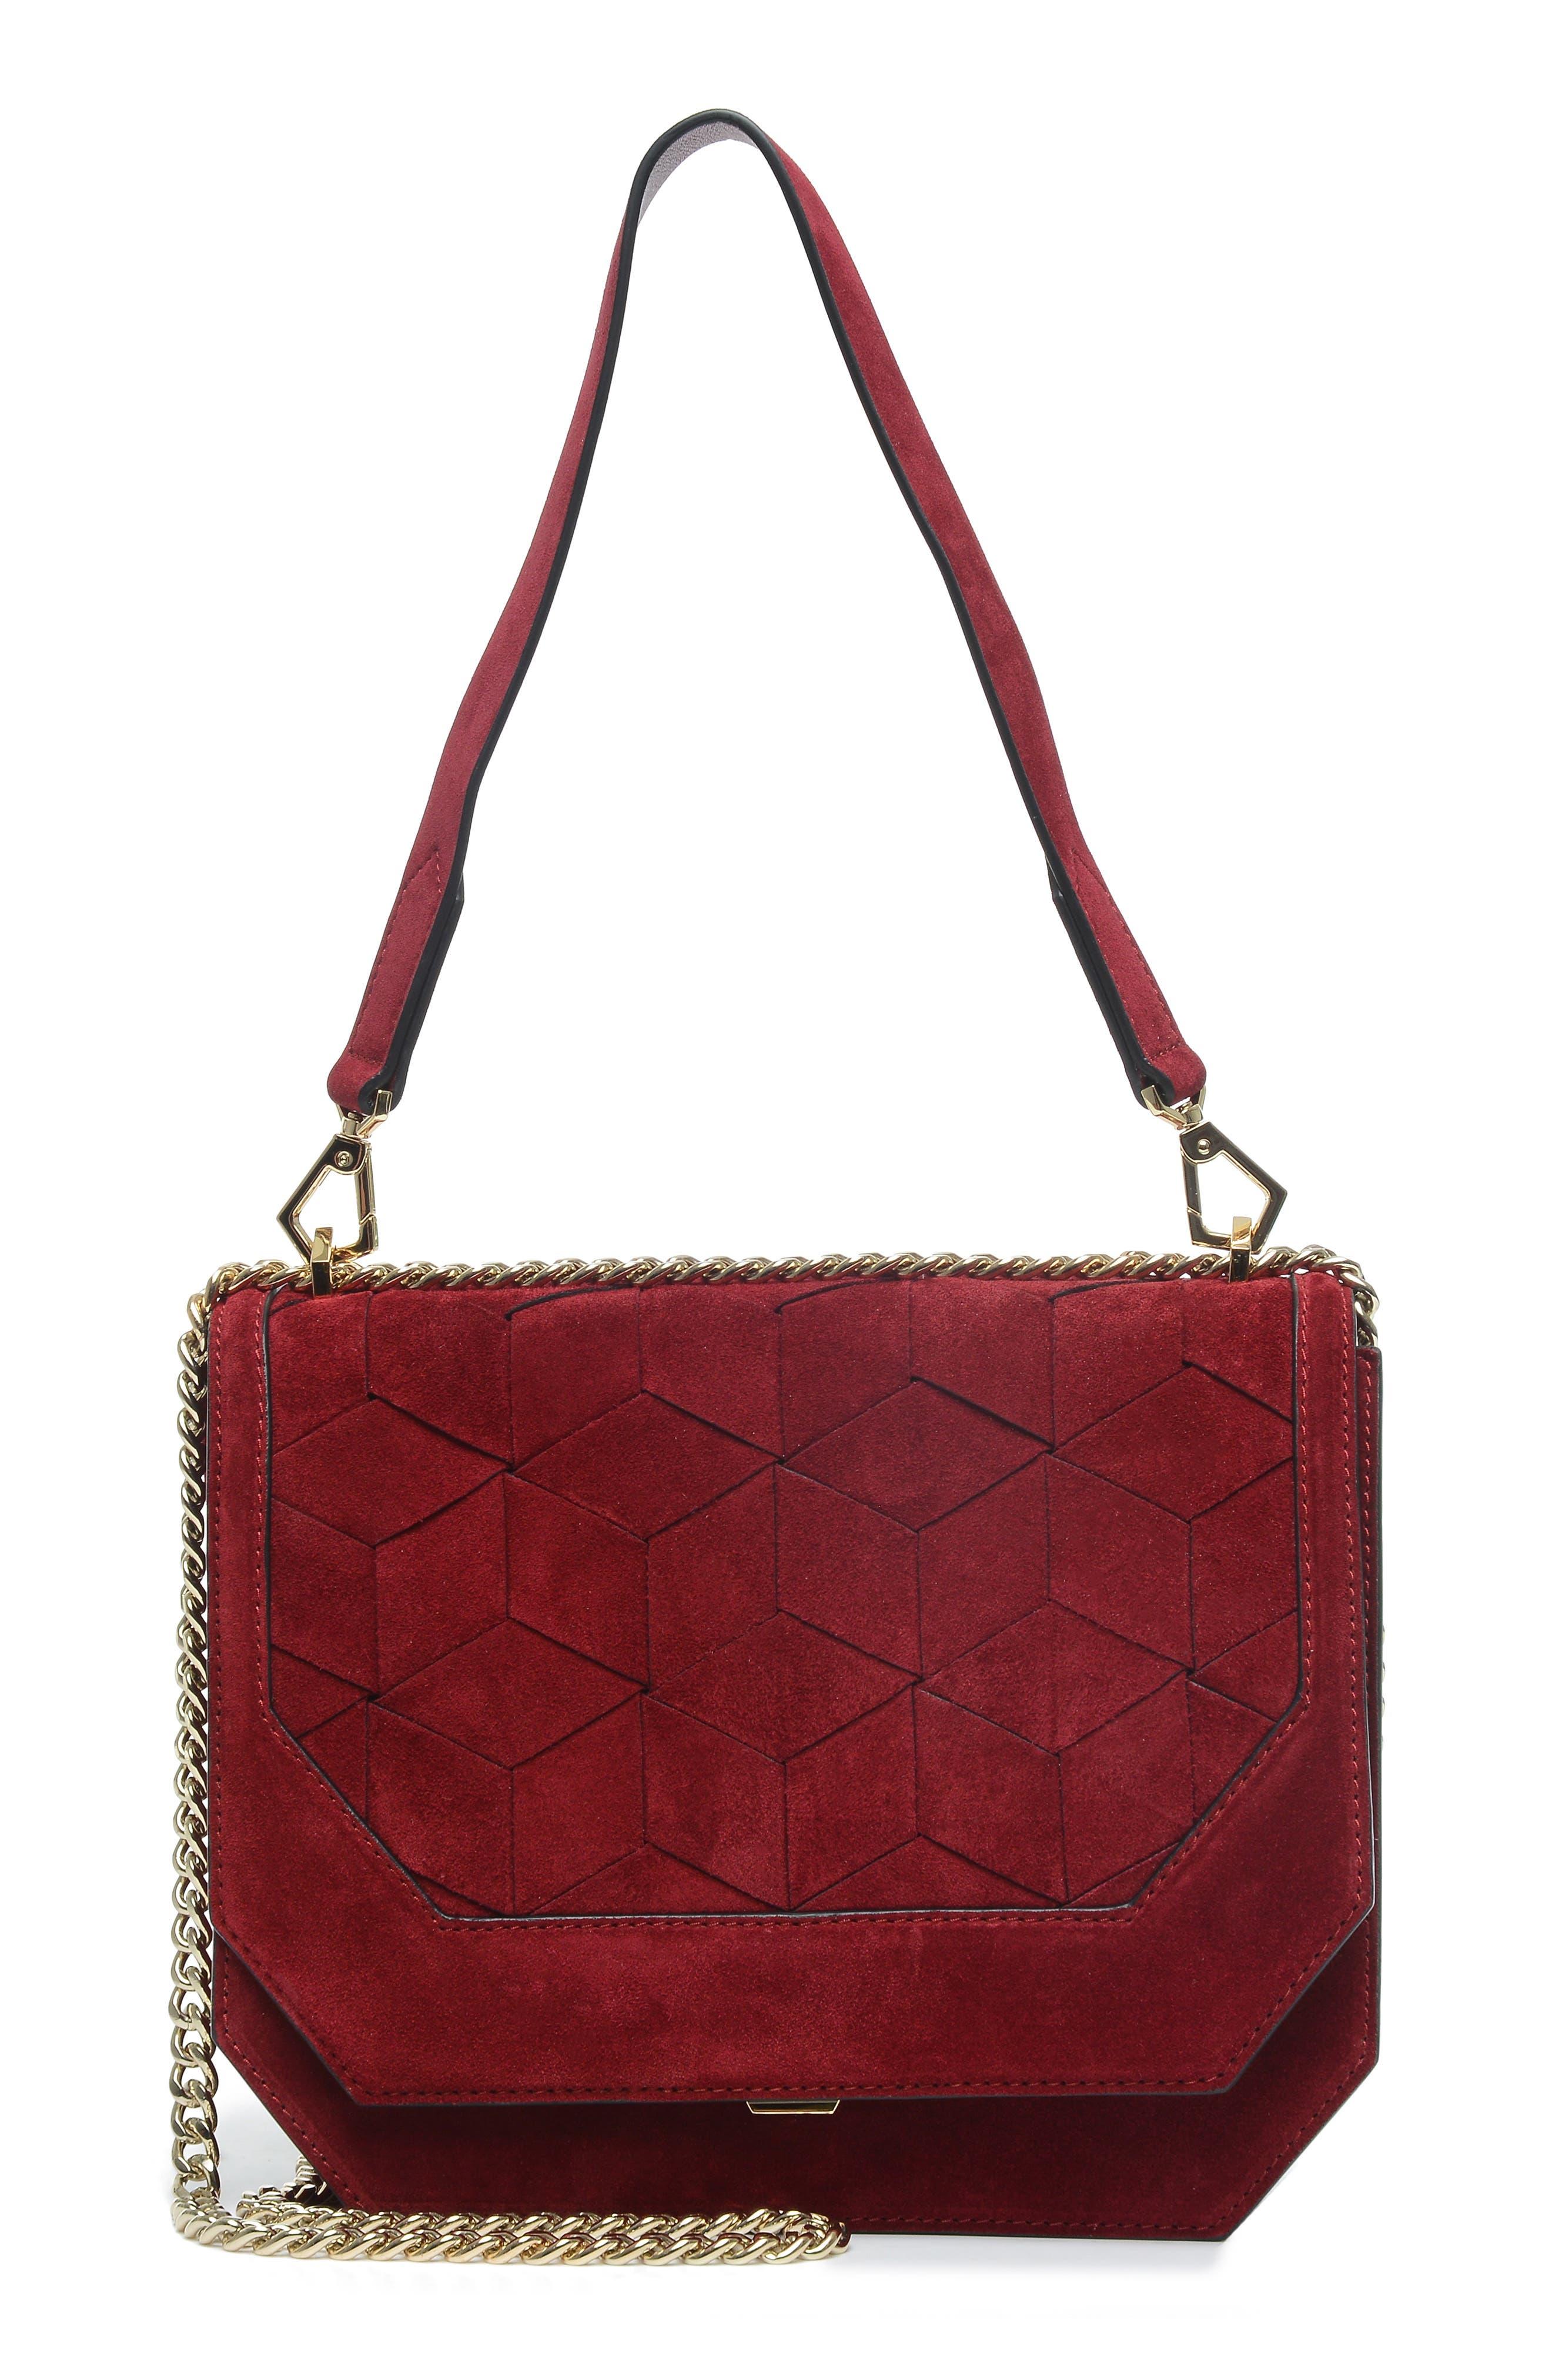 WELDEN Supine Suede Shoulder Bag - Red in Vino